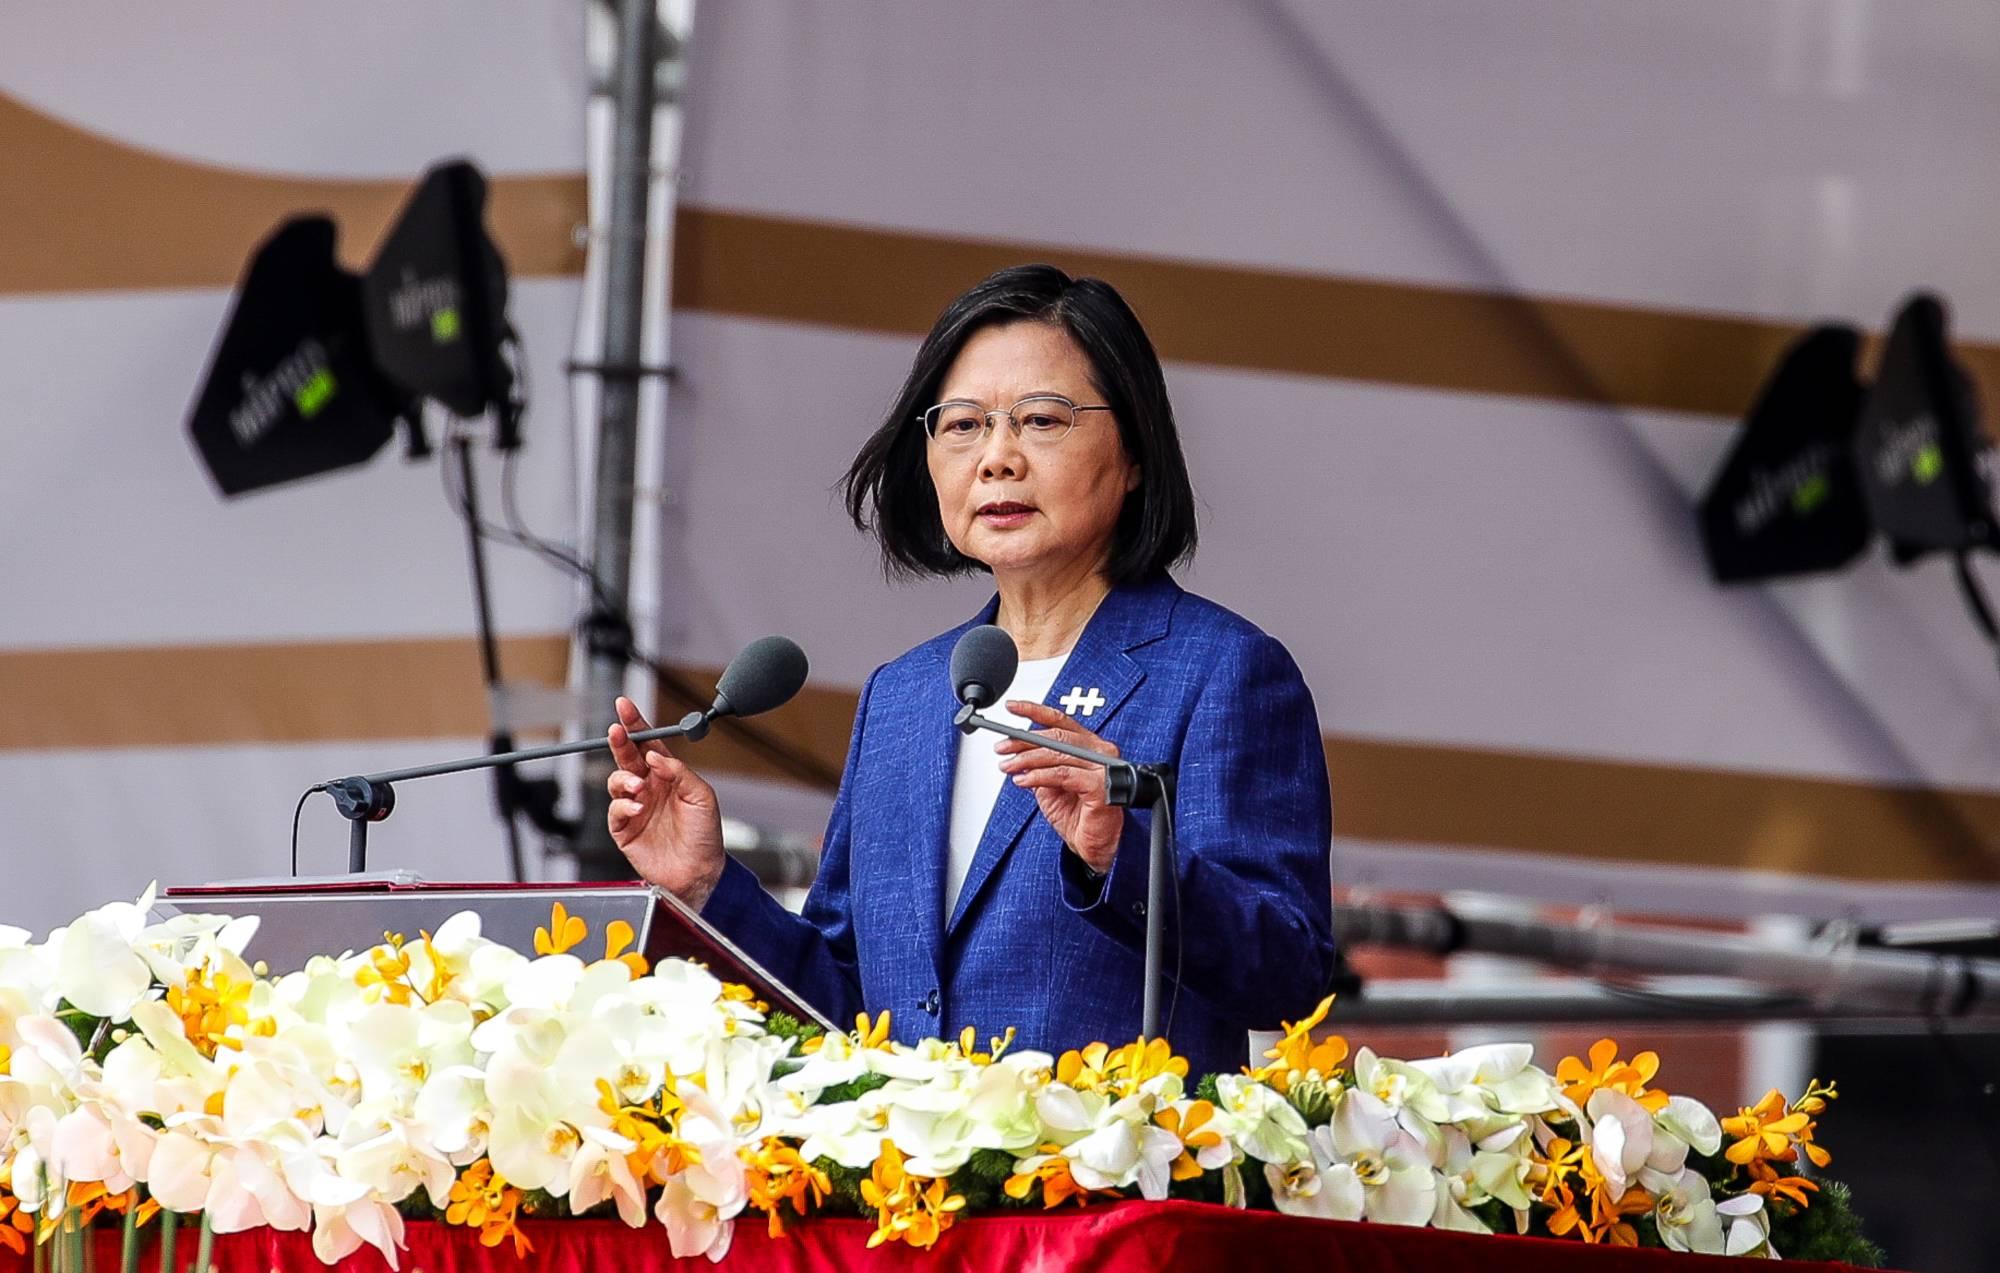 La présidente taïwanaise Tsai Ing-wen lors des célébrations de la fête nationale à Taipei, le 10 octobre 2021. (Source : NewsContinue)